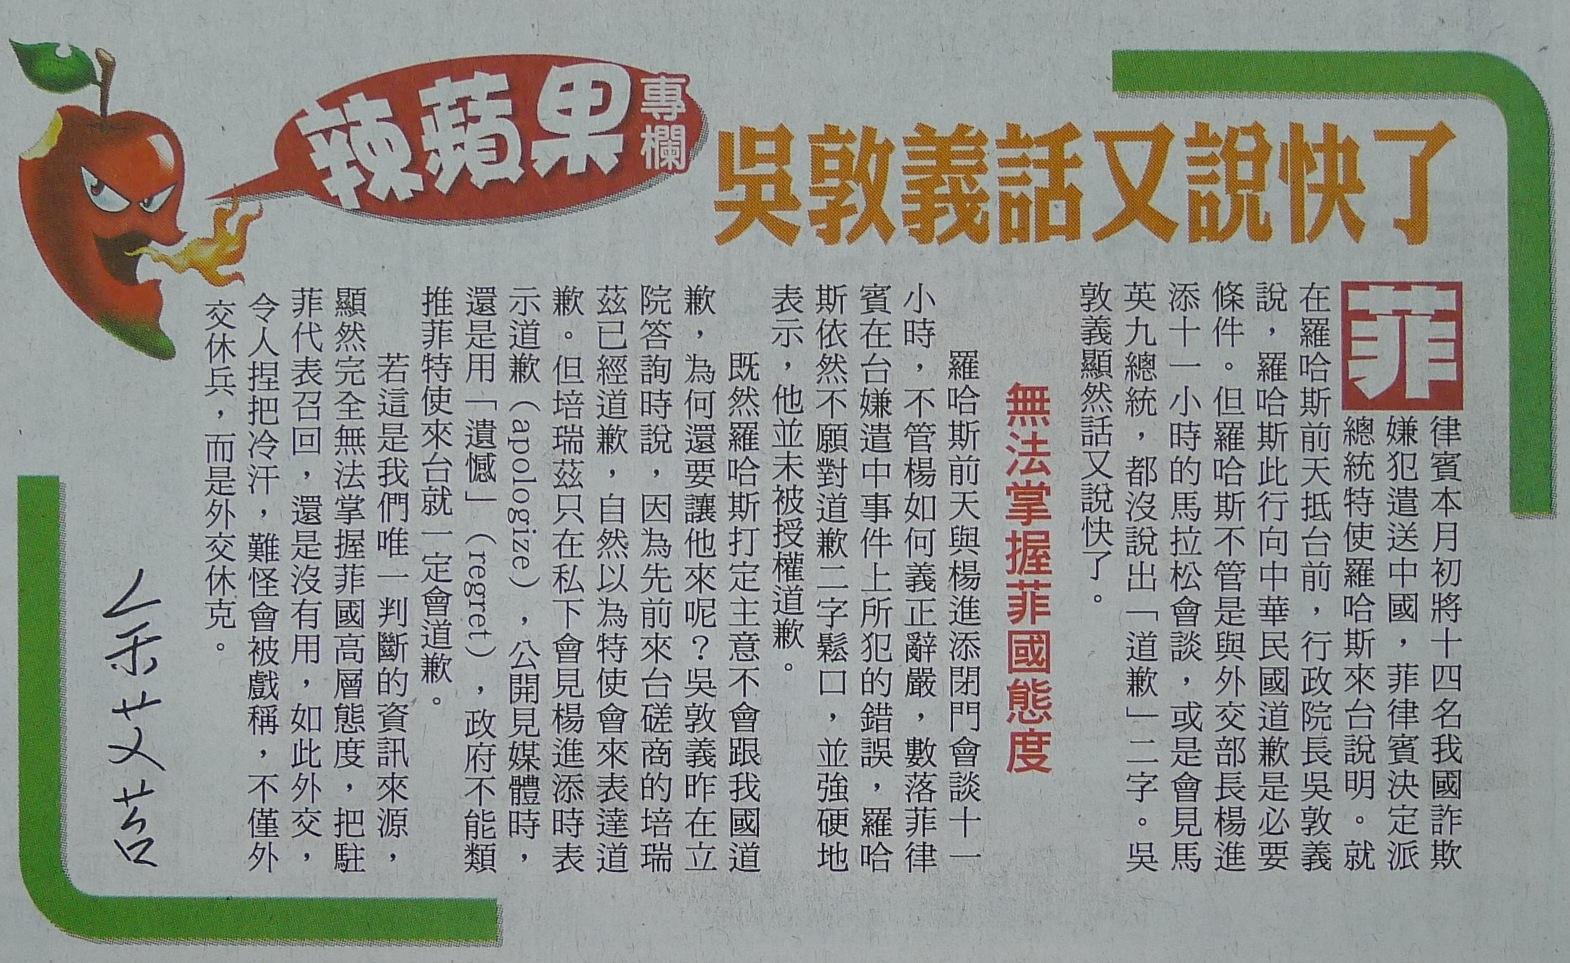 吳敦義話又說快了 20110223